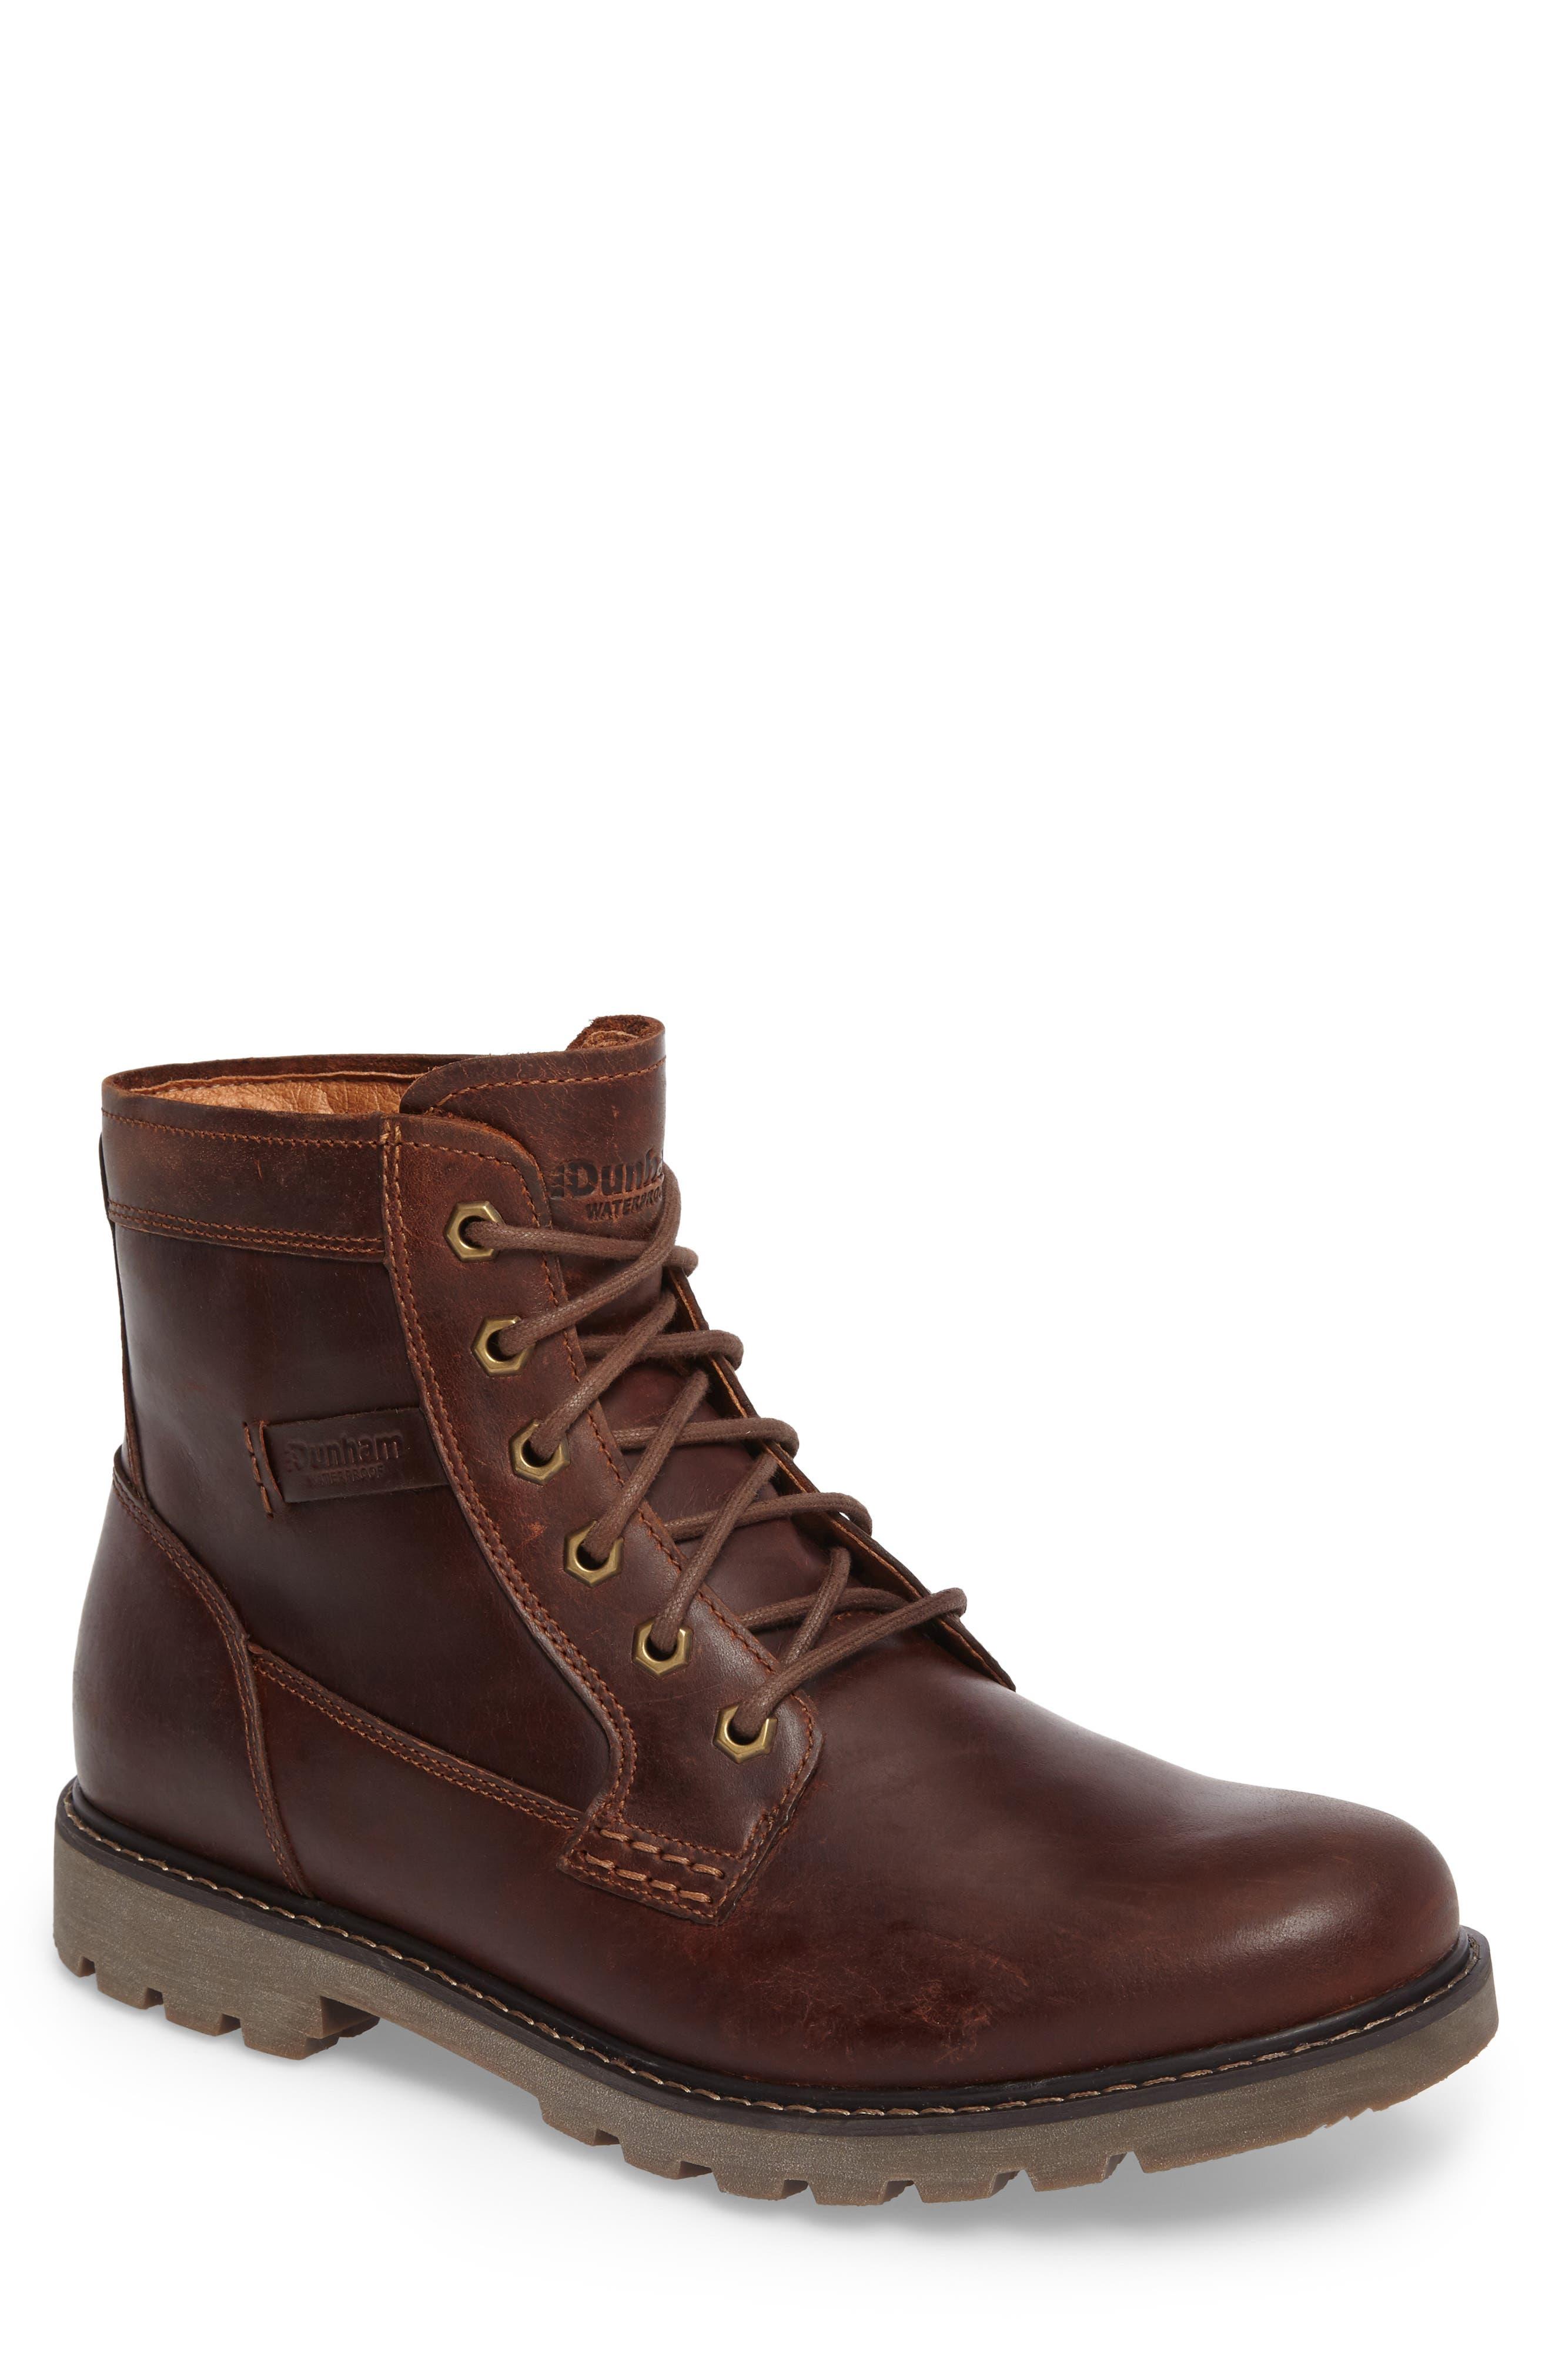 DUNHAM Royalton Plain Toe Boot, Main, color, BROWN